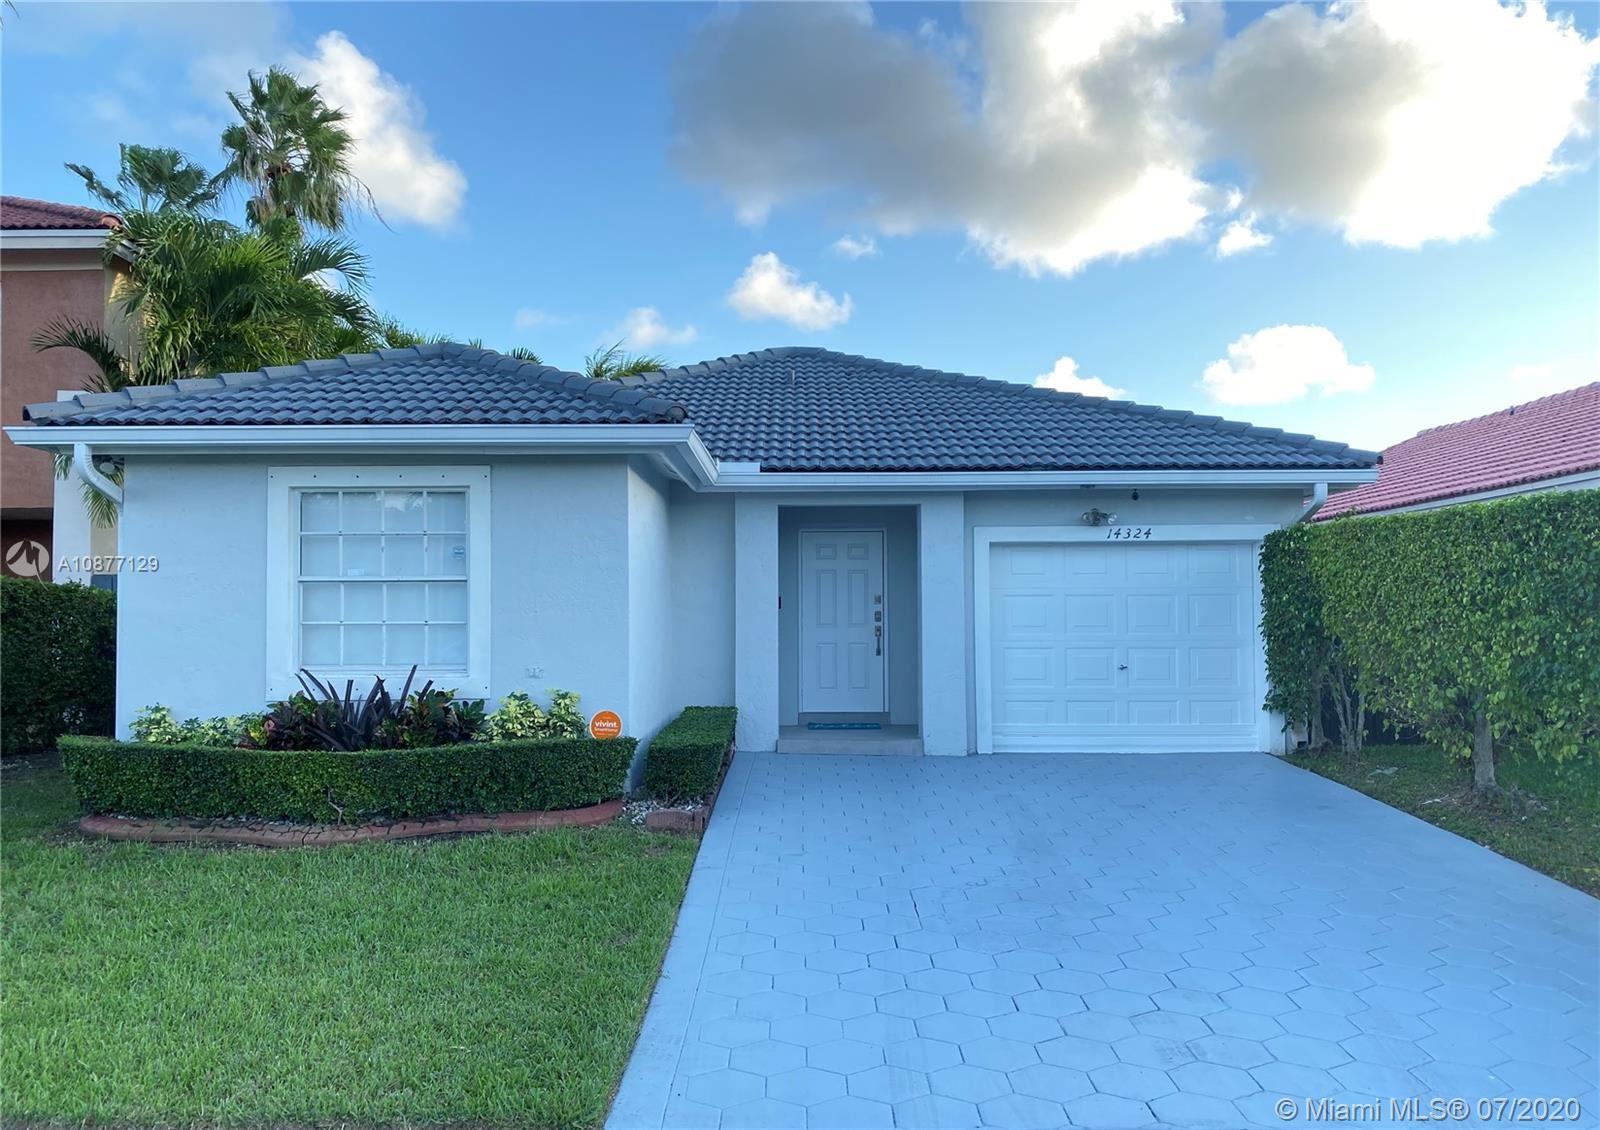 14324 SW 176th Ter, Miami, FL 33177 - #: A10877129